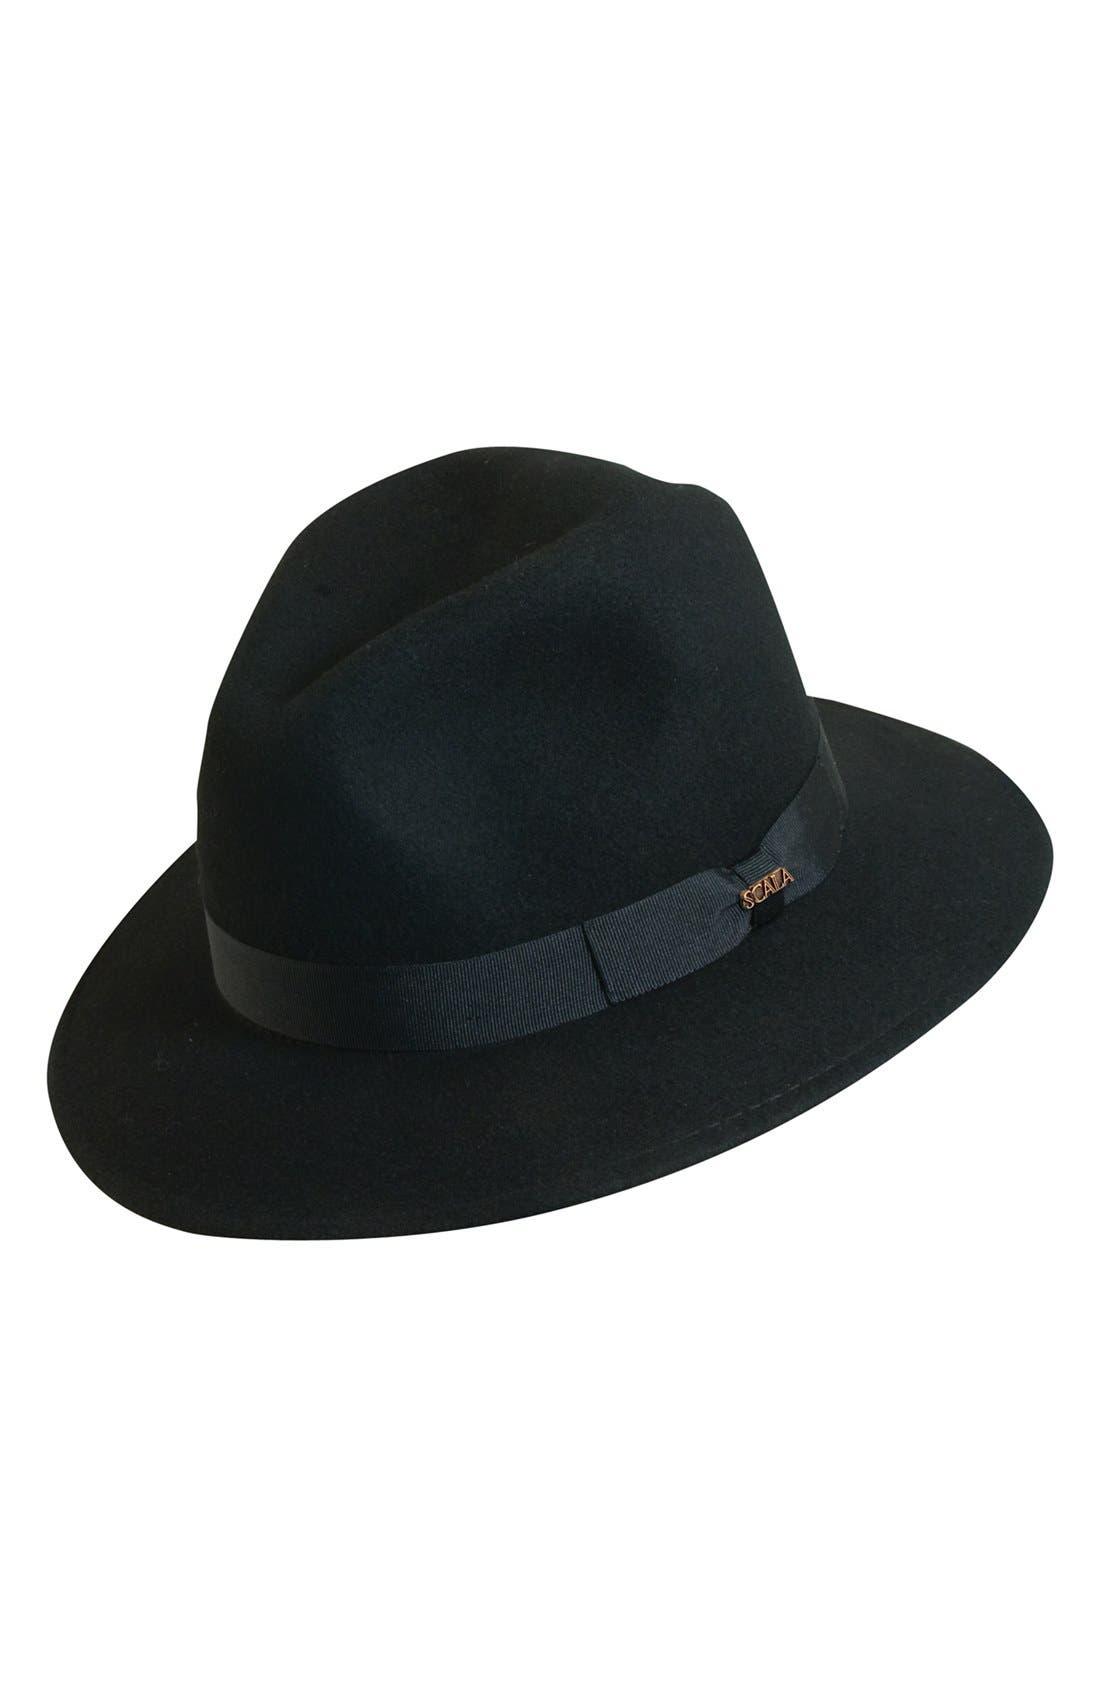 190dcd23 Men's Scala Hats, Hats for Men | Nordstrom